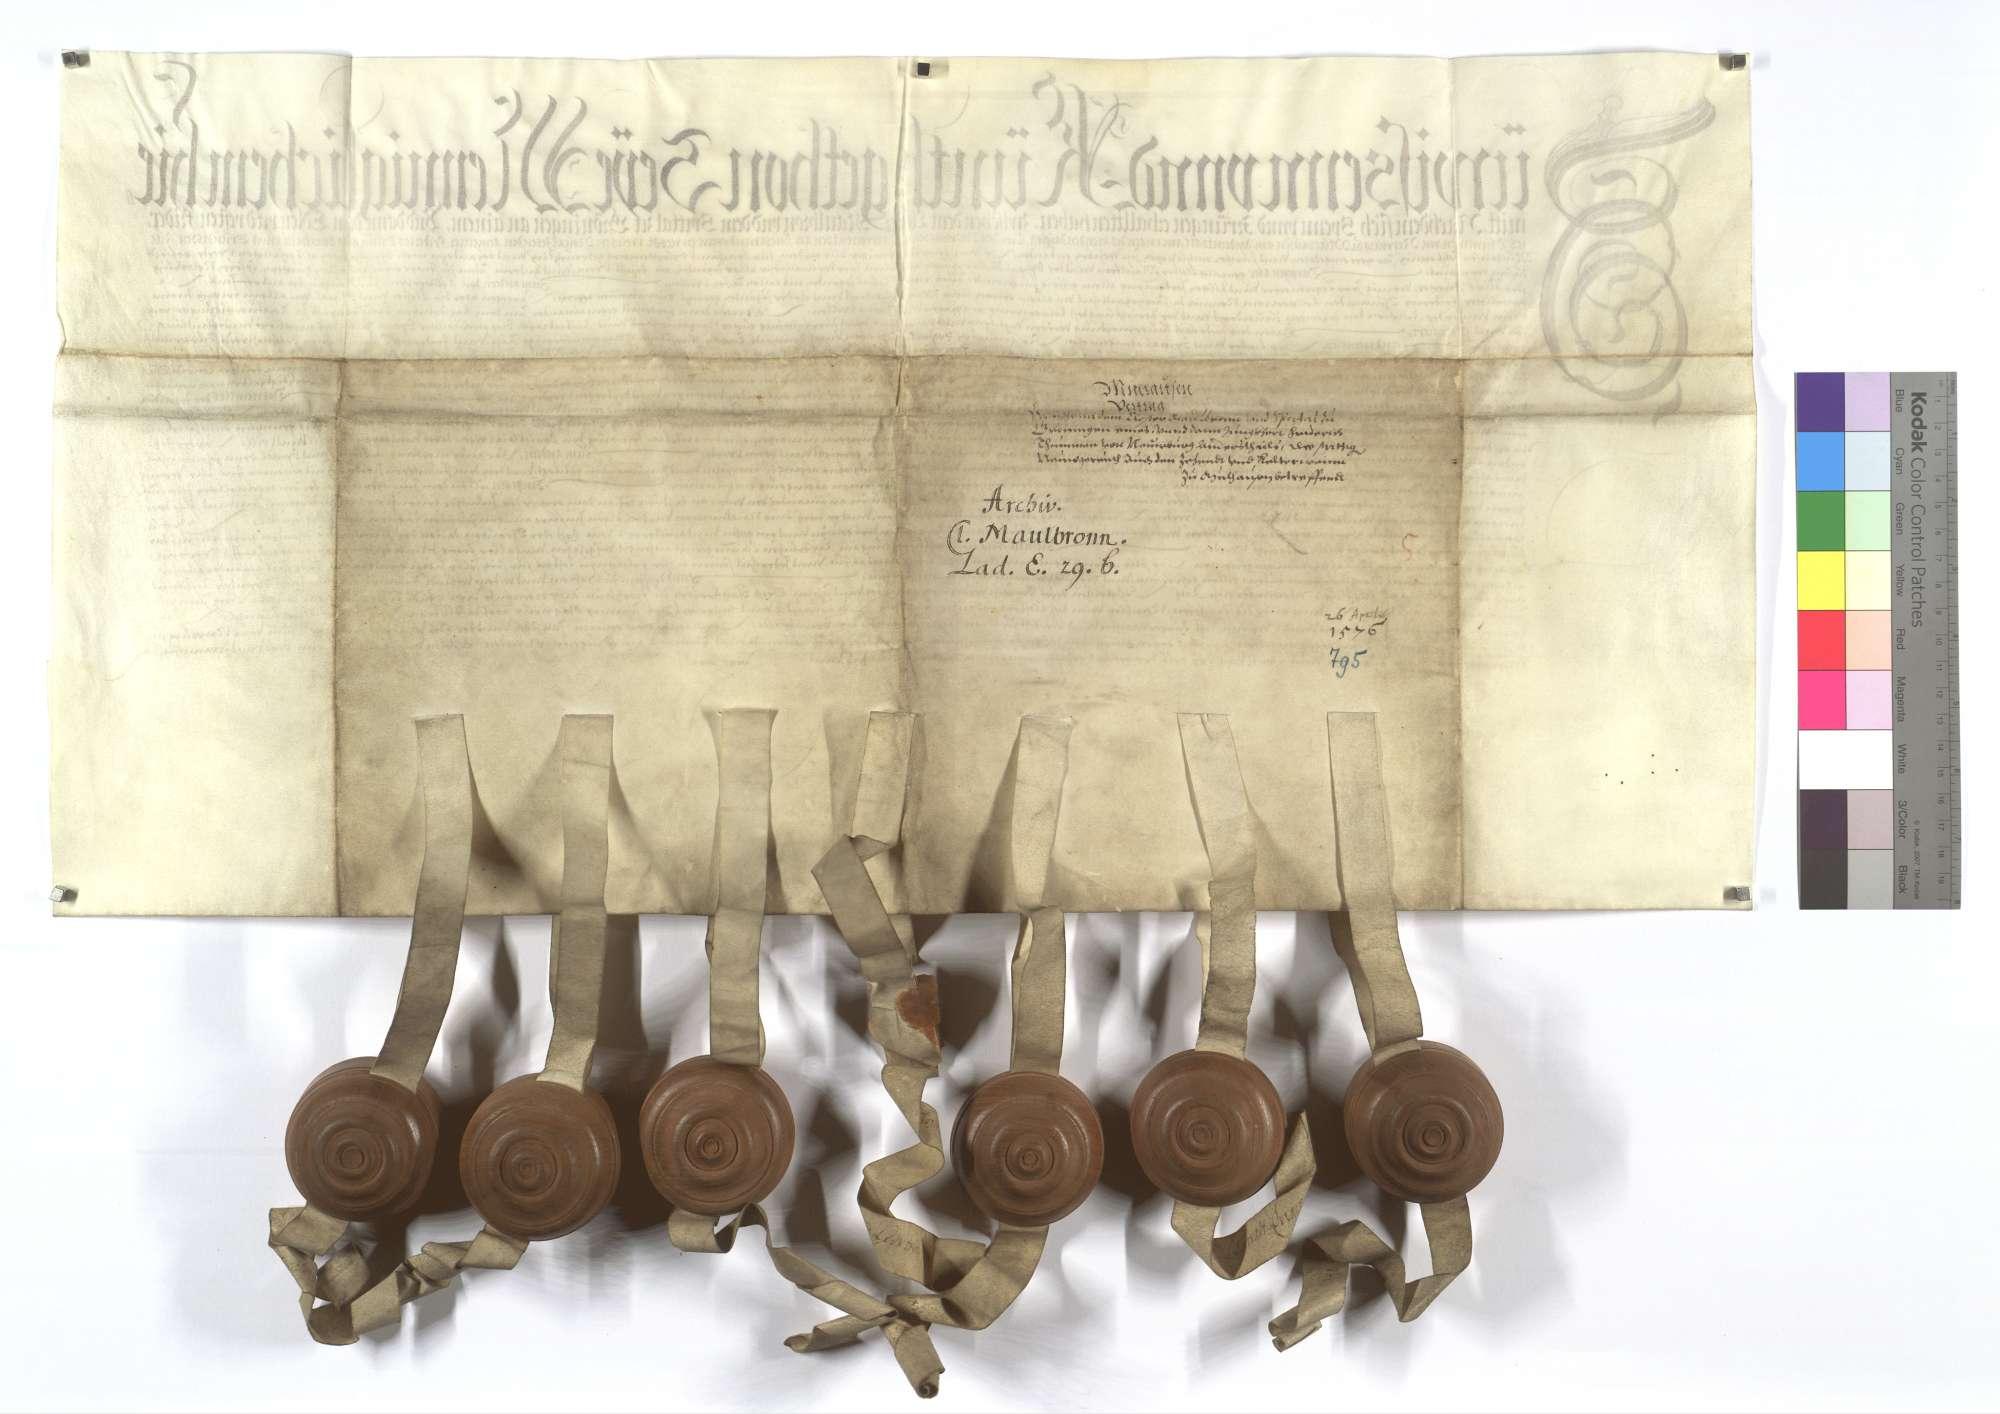 Vertrag zwischen dem Kloster Maulbronn und dem Spital in Markgröningen (Groningen) einer- und Friedrich Thumb von Neuburg andernteils wegen des Neugereuts sowie Zehnten und Kirchenweins in Mühlhausen (Mülhausen)., Rückseite